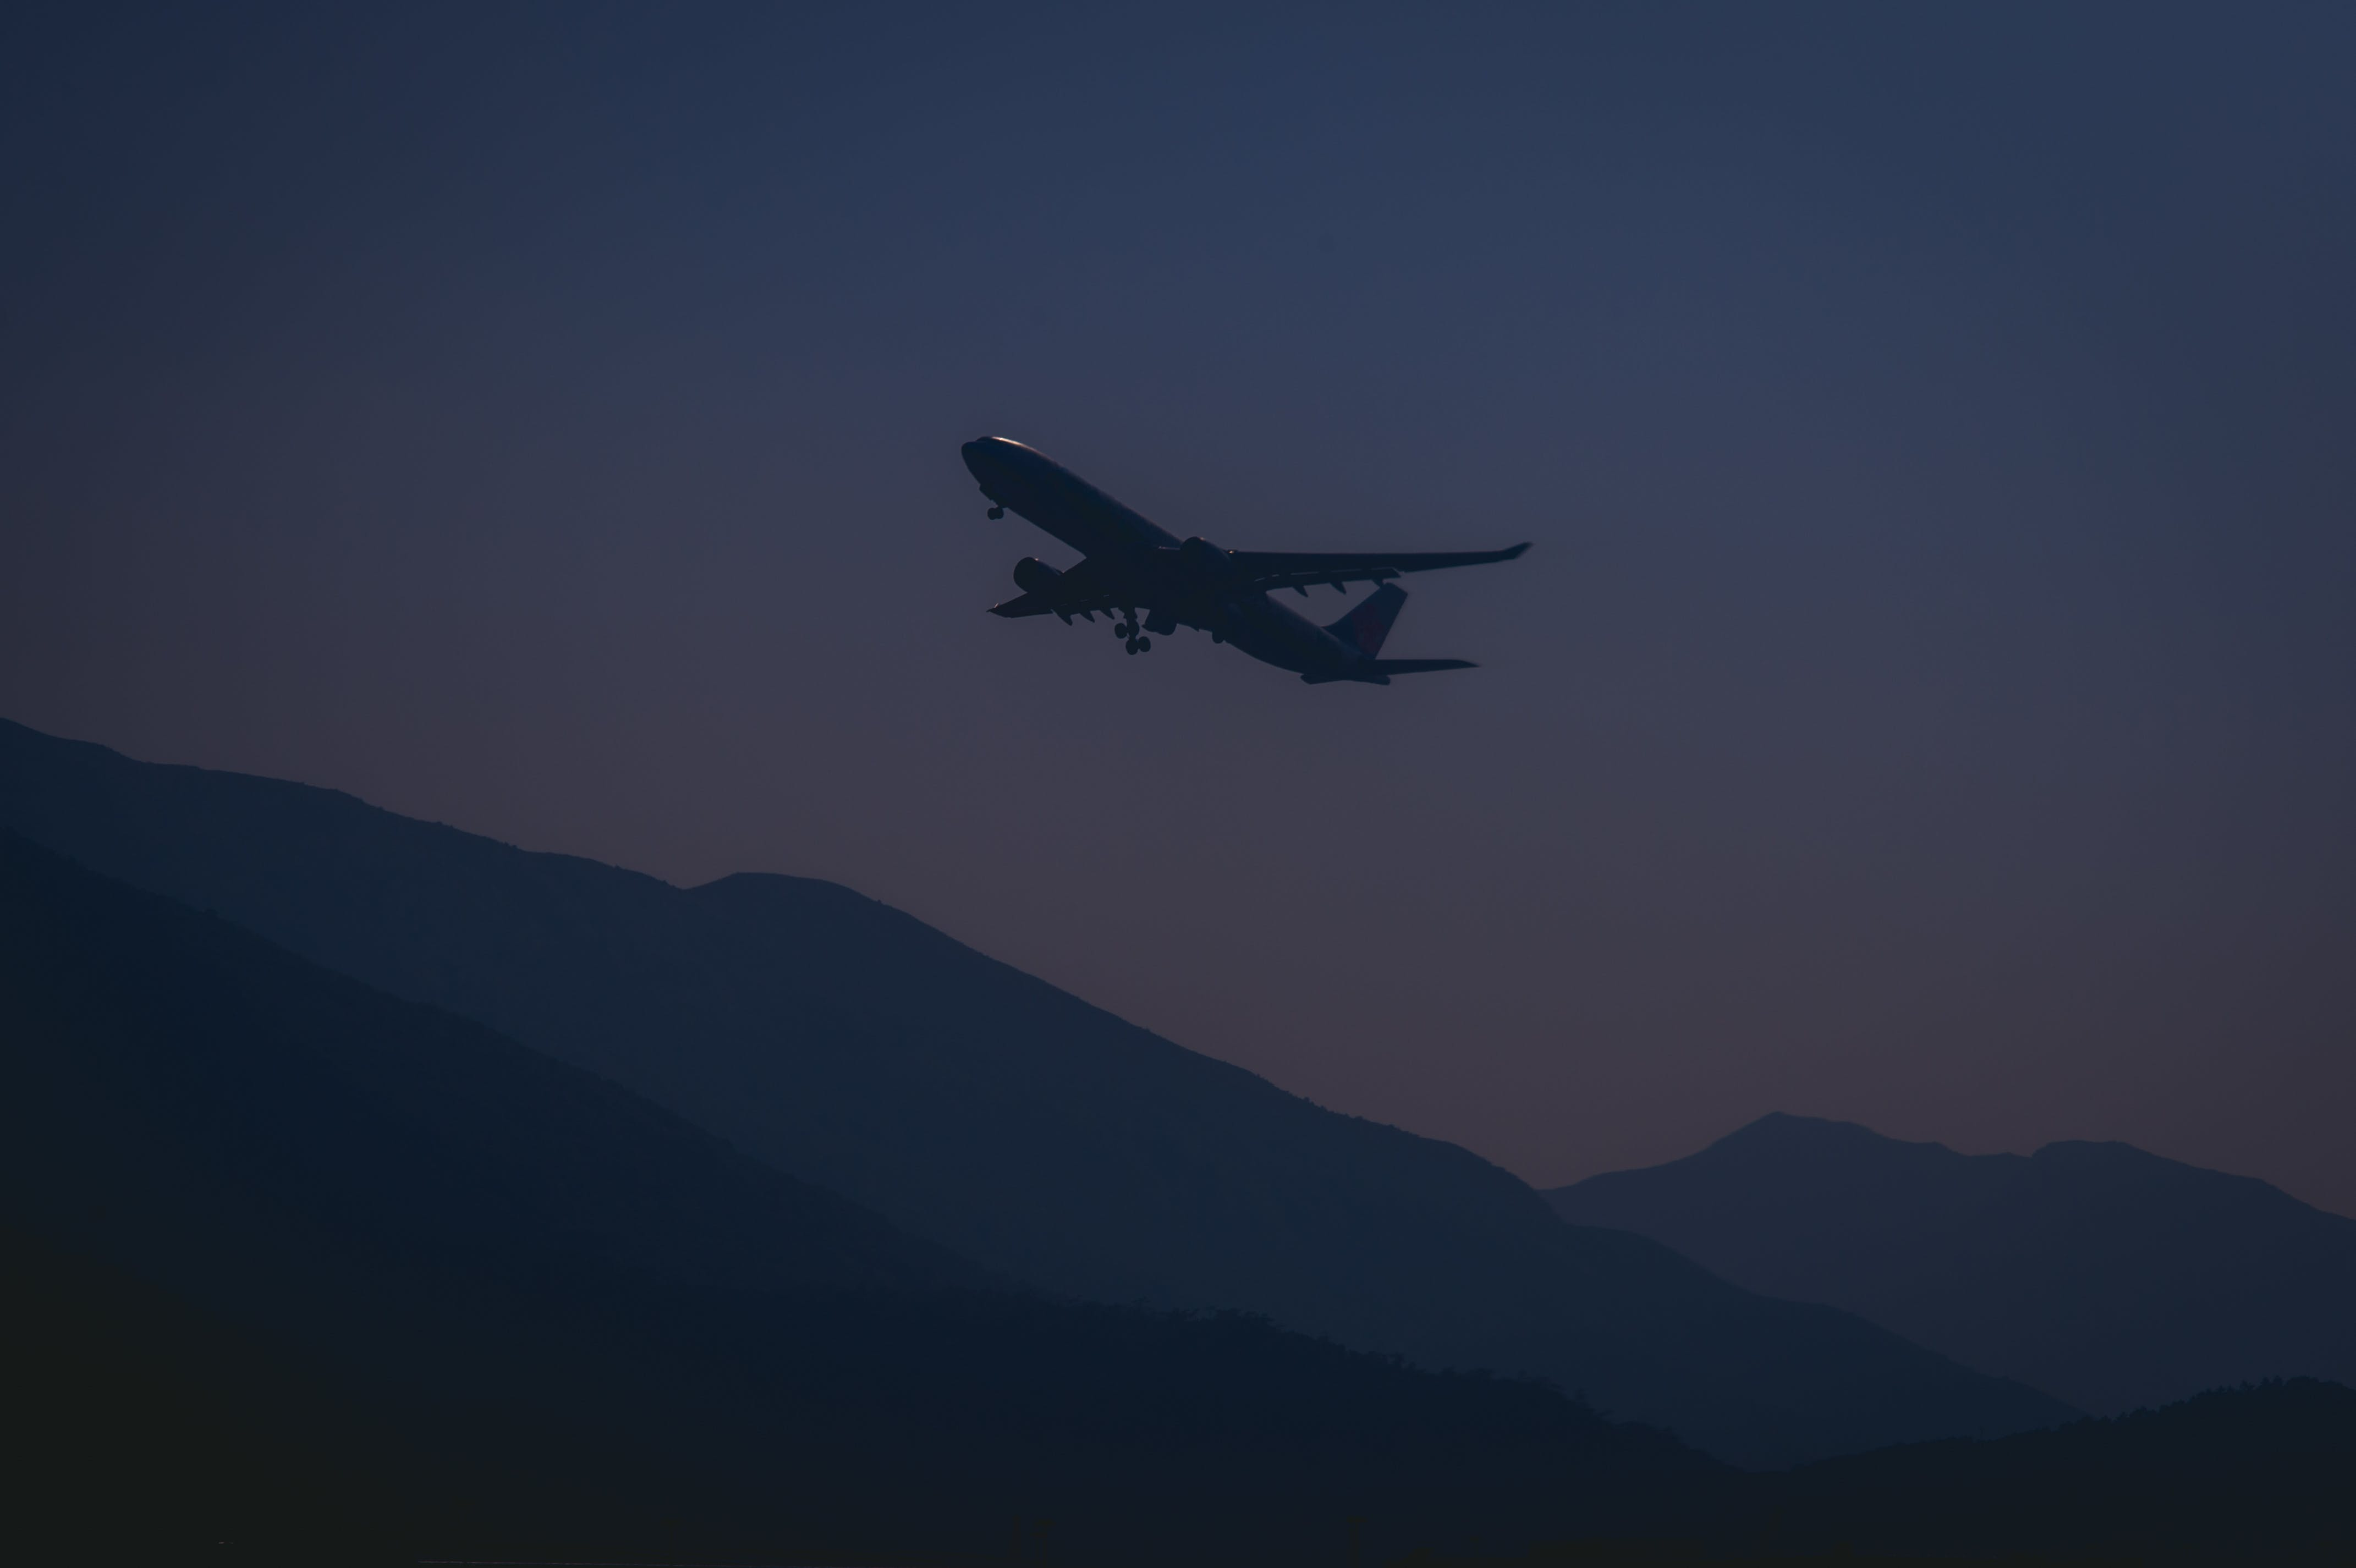 Kostenloses Stock Foto zu abend, berge, fahrzeug, fliegen